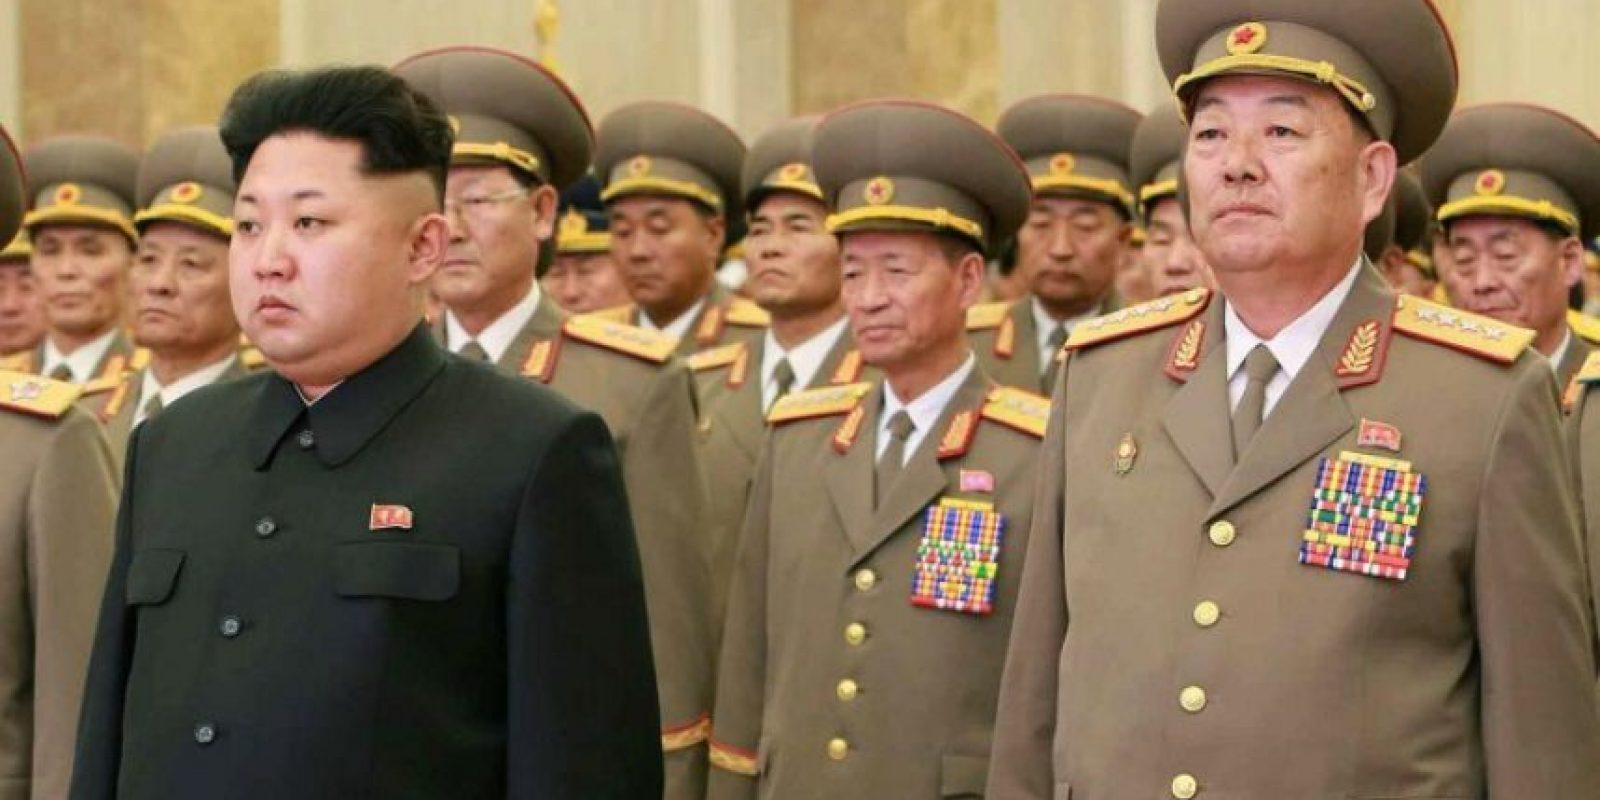 Corea del Norte enfrenta una sanción de la ONU que le prohibe realizar este tipo de actividades Foto:AFP